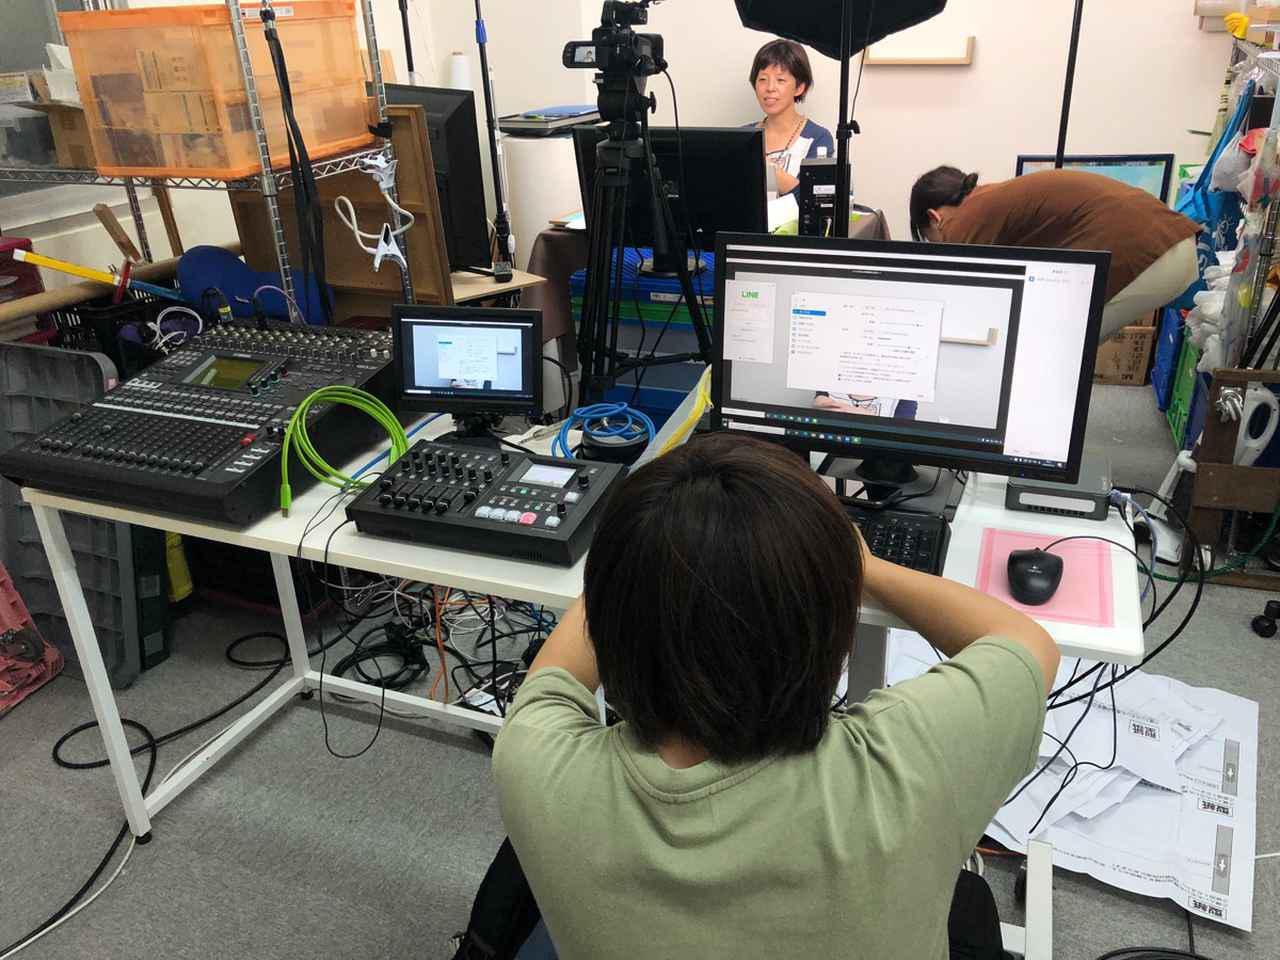 画像: 初のライブ配信仕事となったオンライン・マーケティング会議の様子